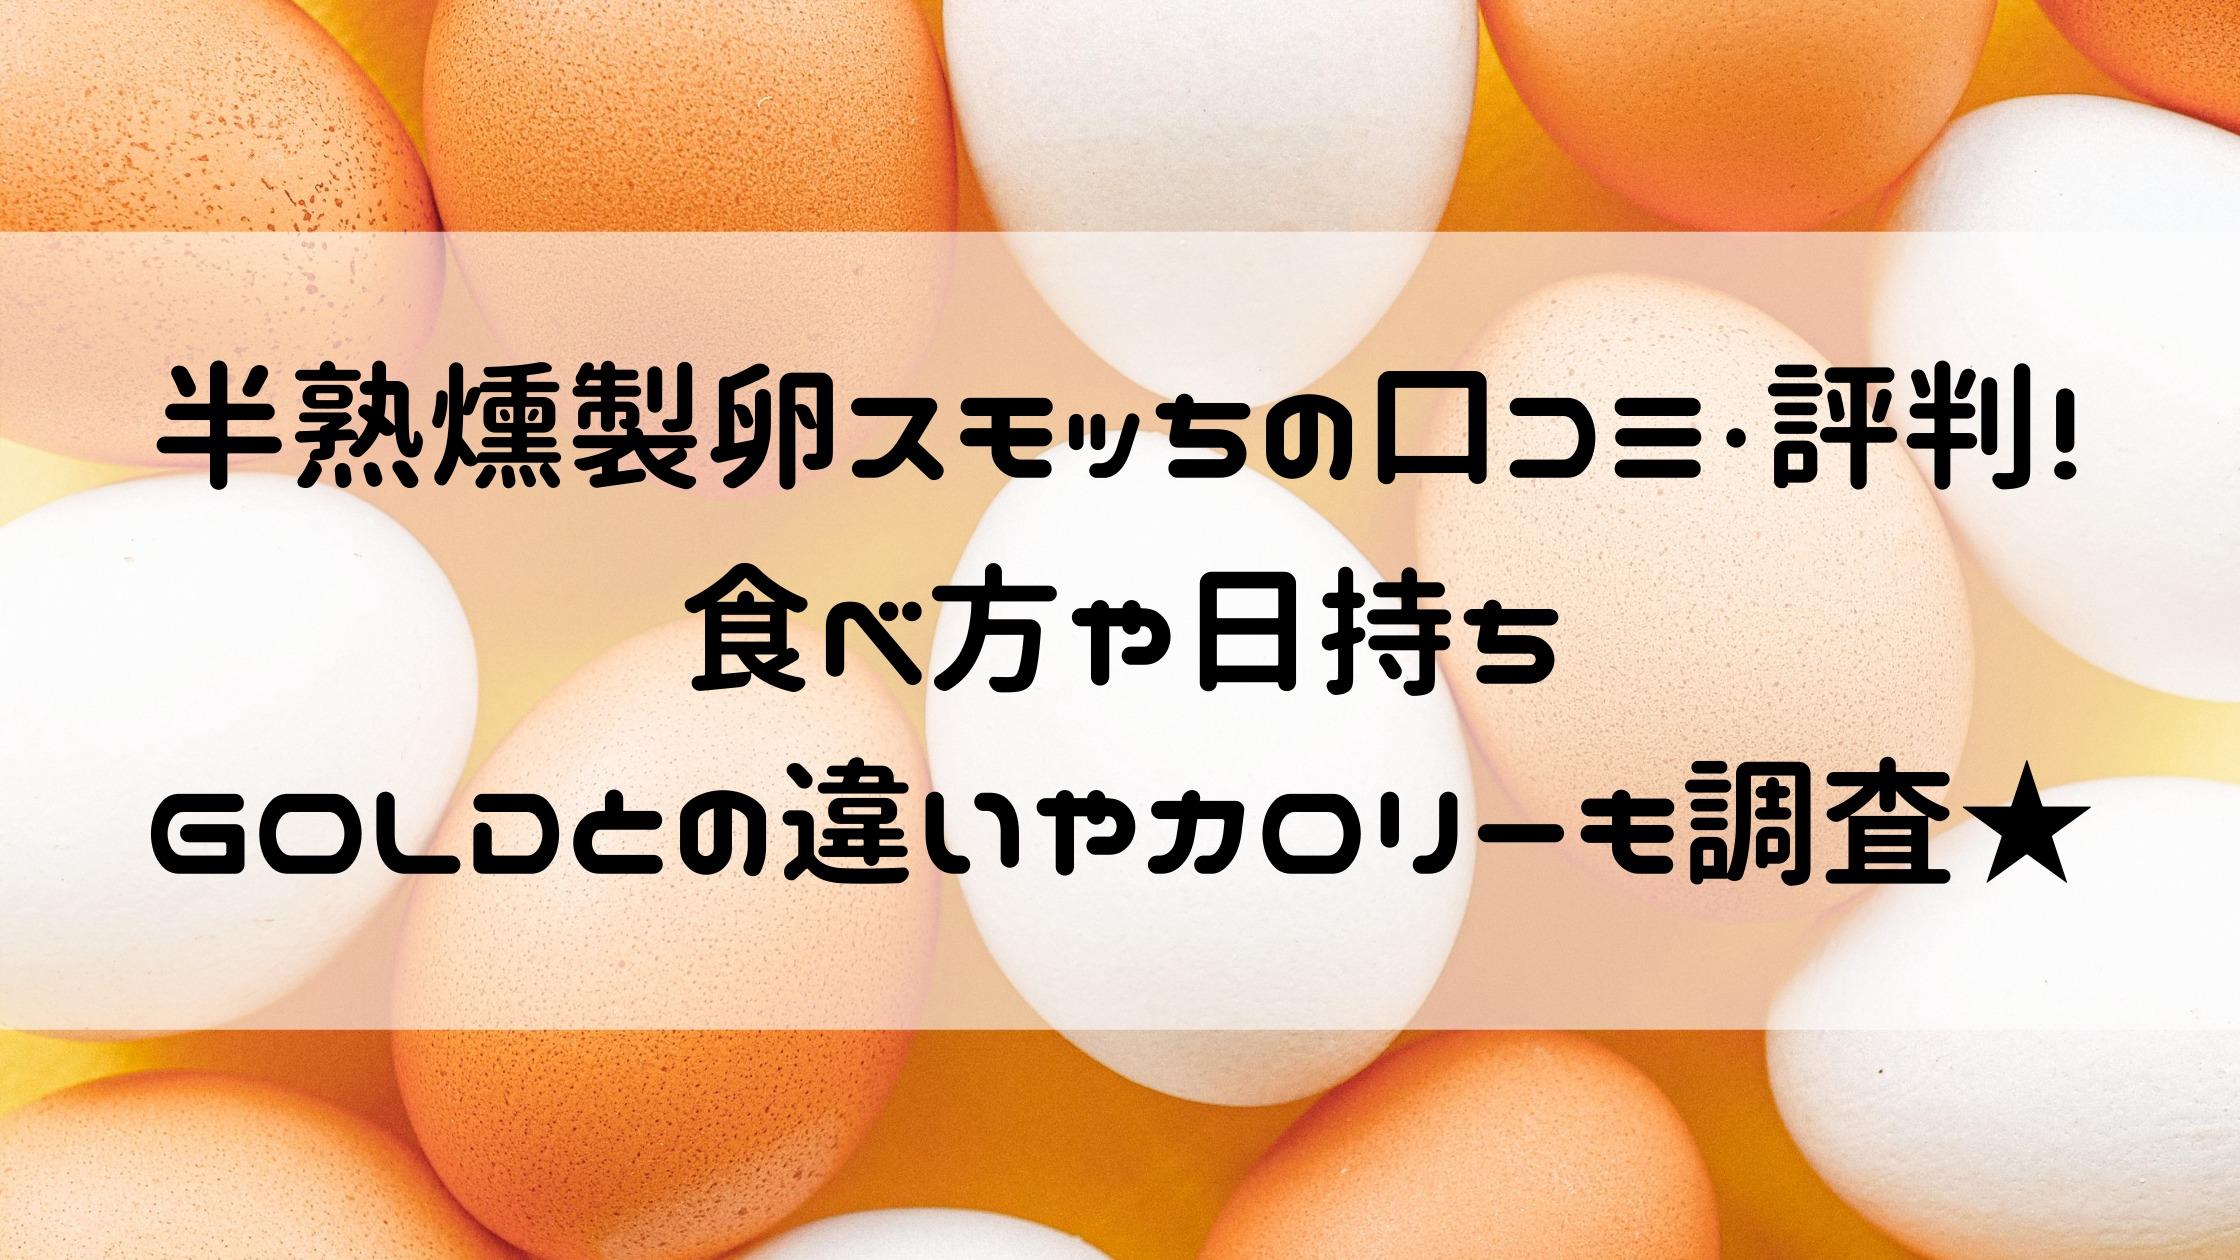 一個 カロリー 卵